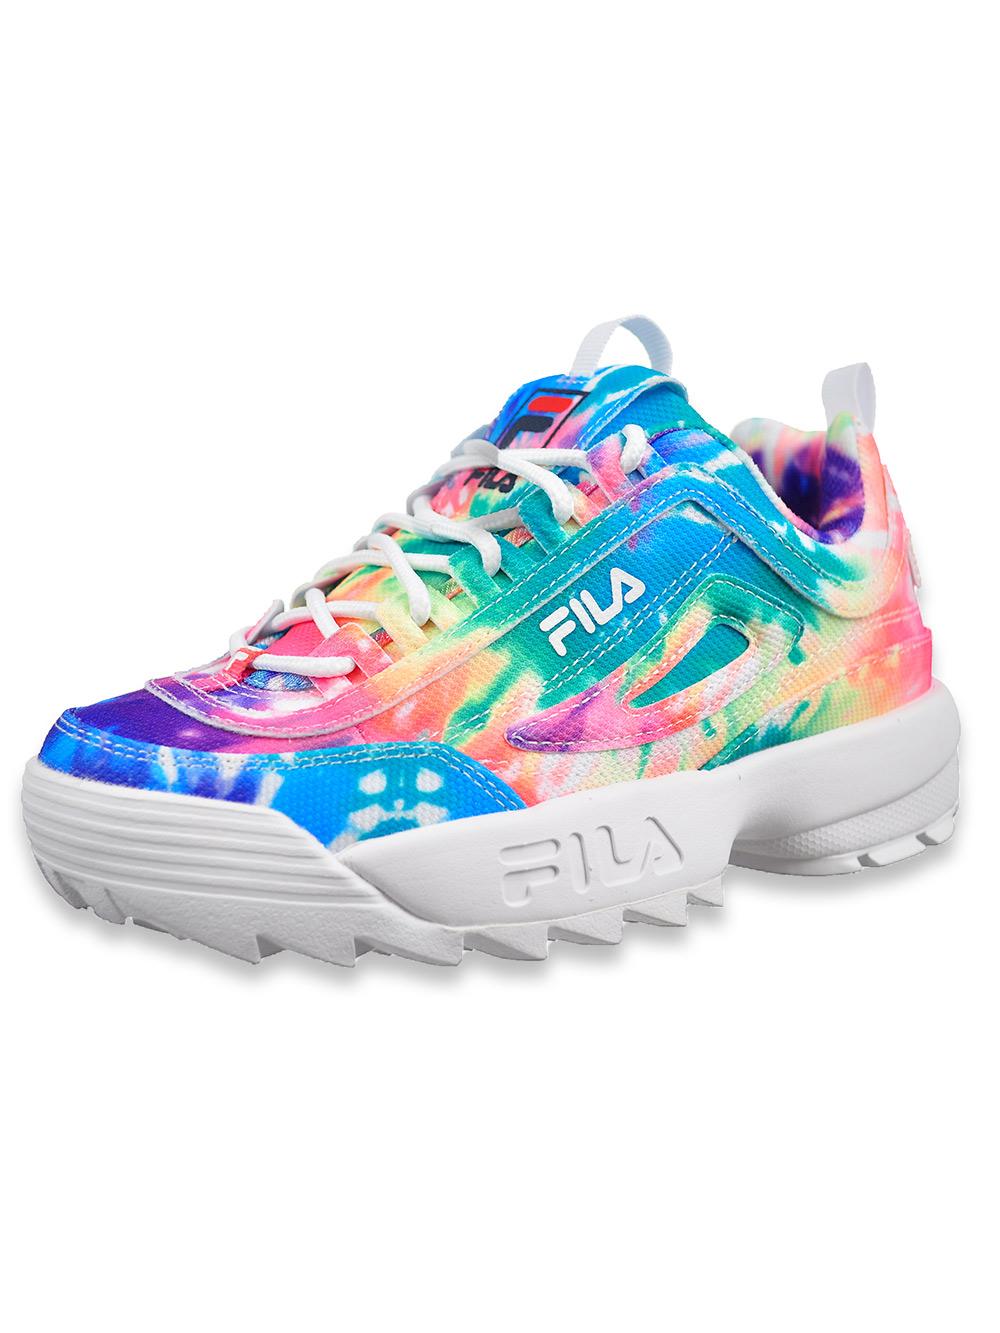 Fila Girls' Disruptor II Tie Dye Sneakers (Sizes 4 – 6)